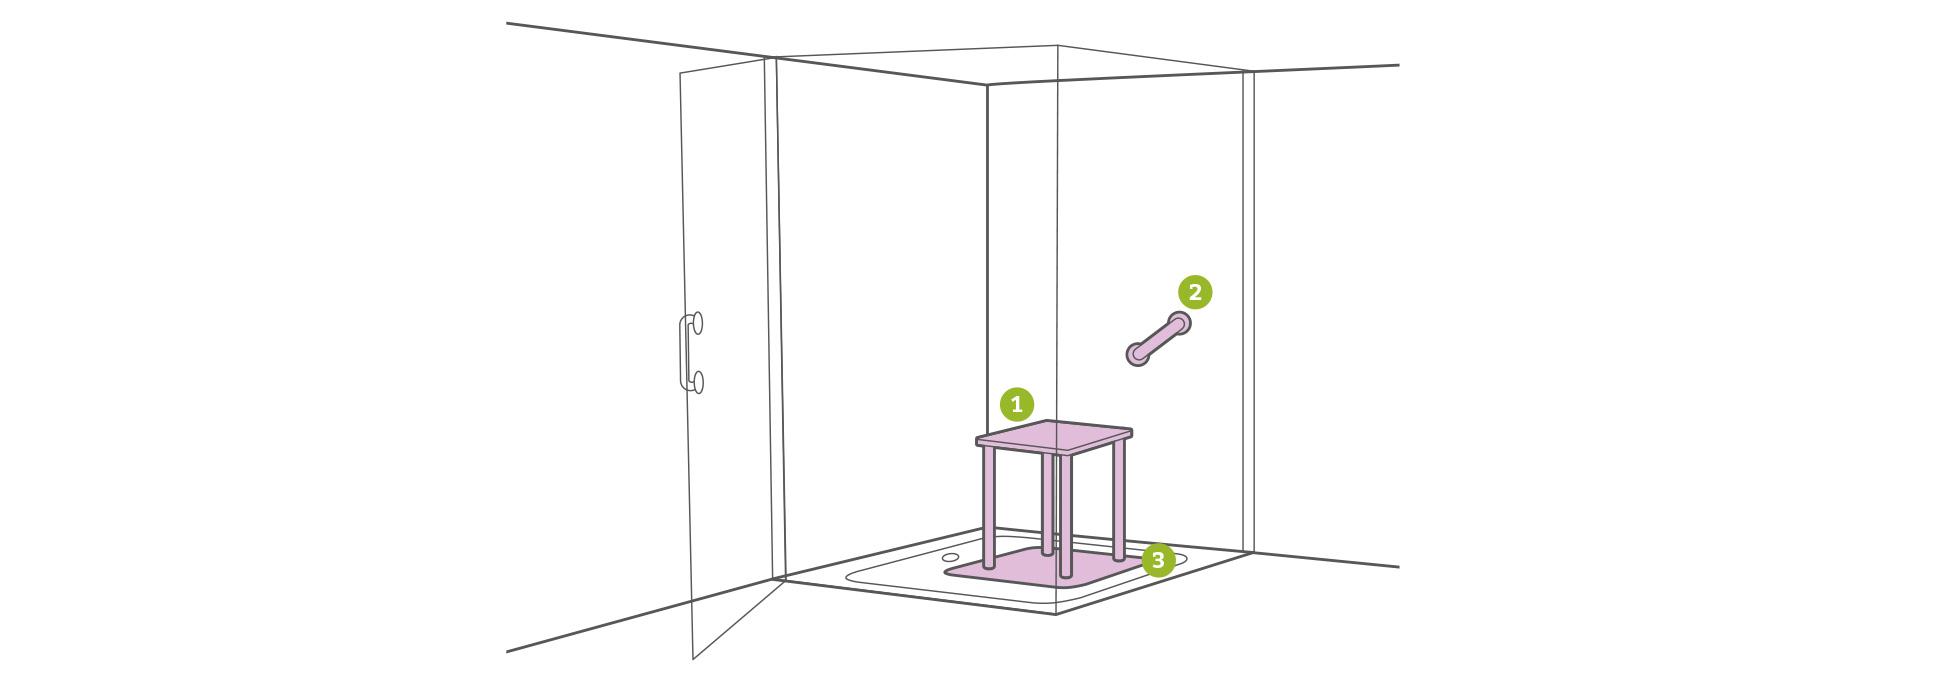 Full Size of Ebenerdige Dusche Kosten Behindertengerechte Barrierefreie Pflegede Breuer Duschen Fenster Austauschen Kleine Bäder Mit Kaufen Ebenerdig Neues Bad Begehbare Dusche Ebenerdige Dusche Kosten